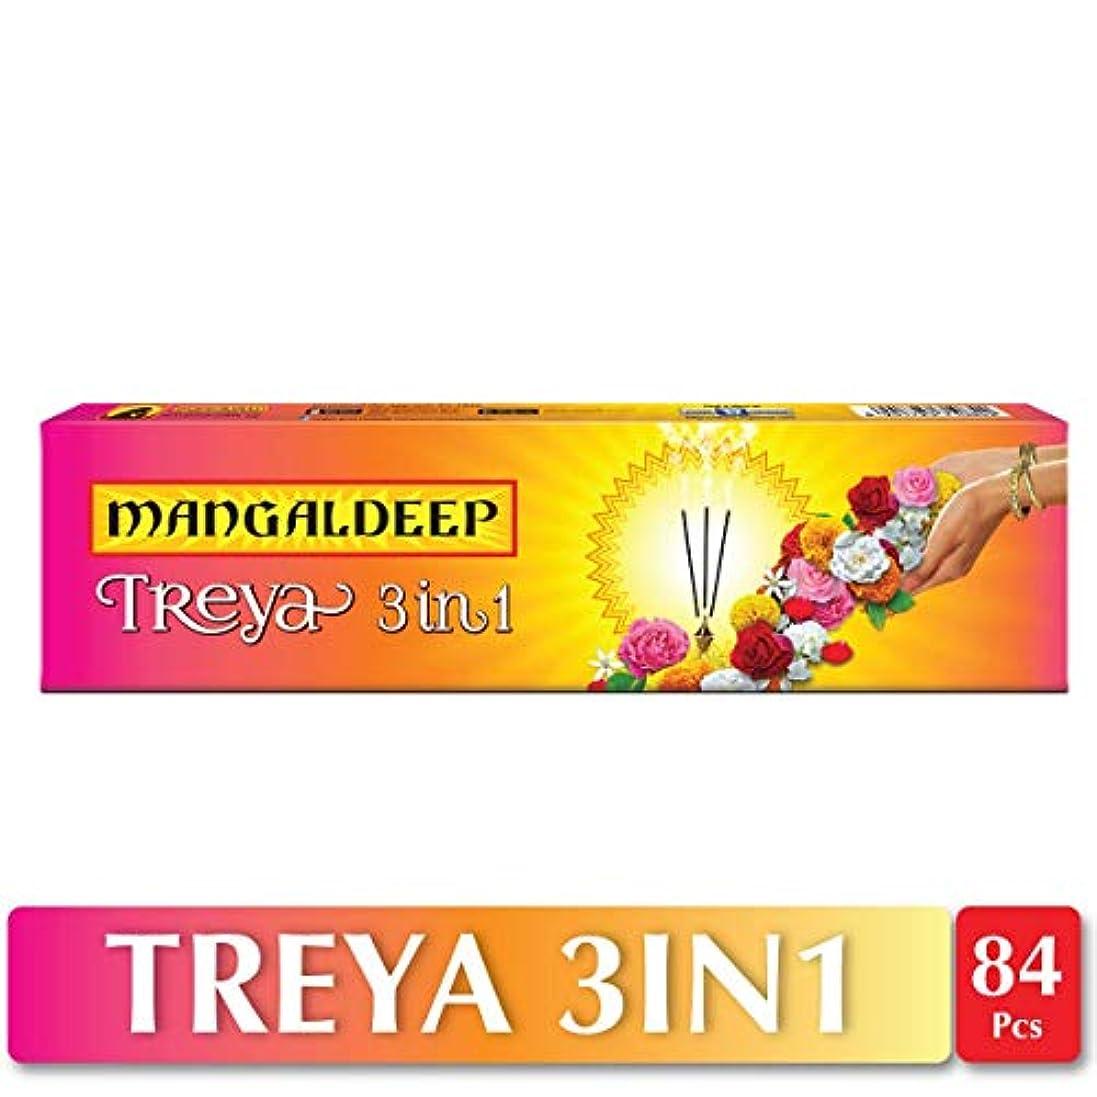 硬さ魔術師促すMangaldeep Treya 3in1 Agarbatti 84 Sticks